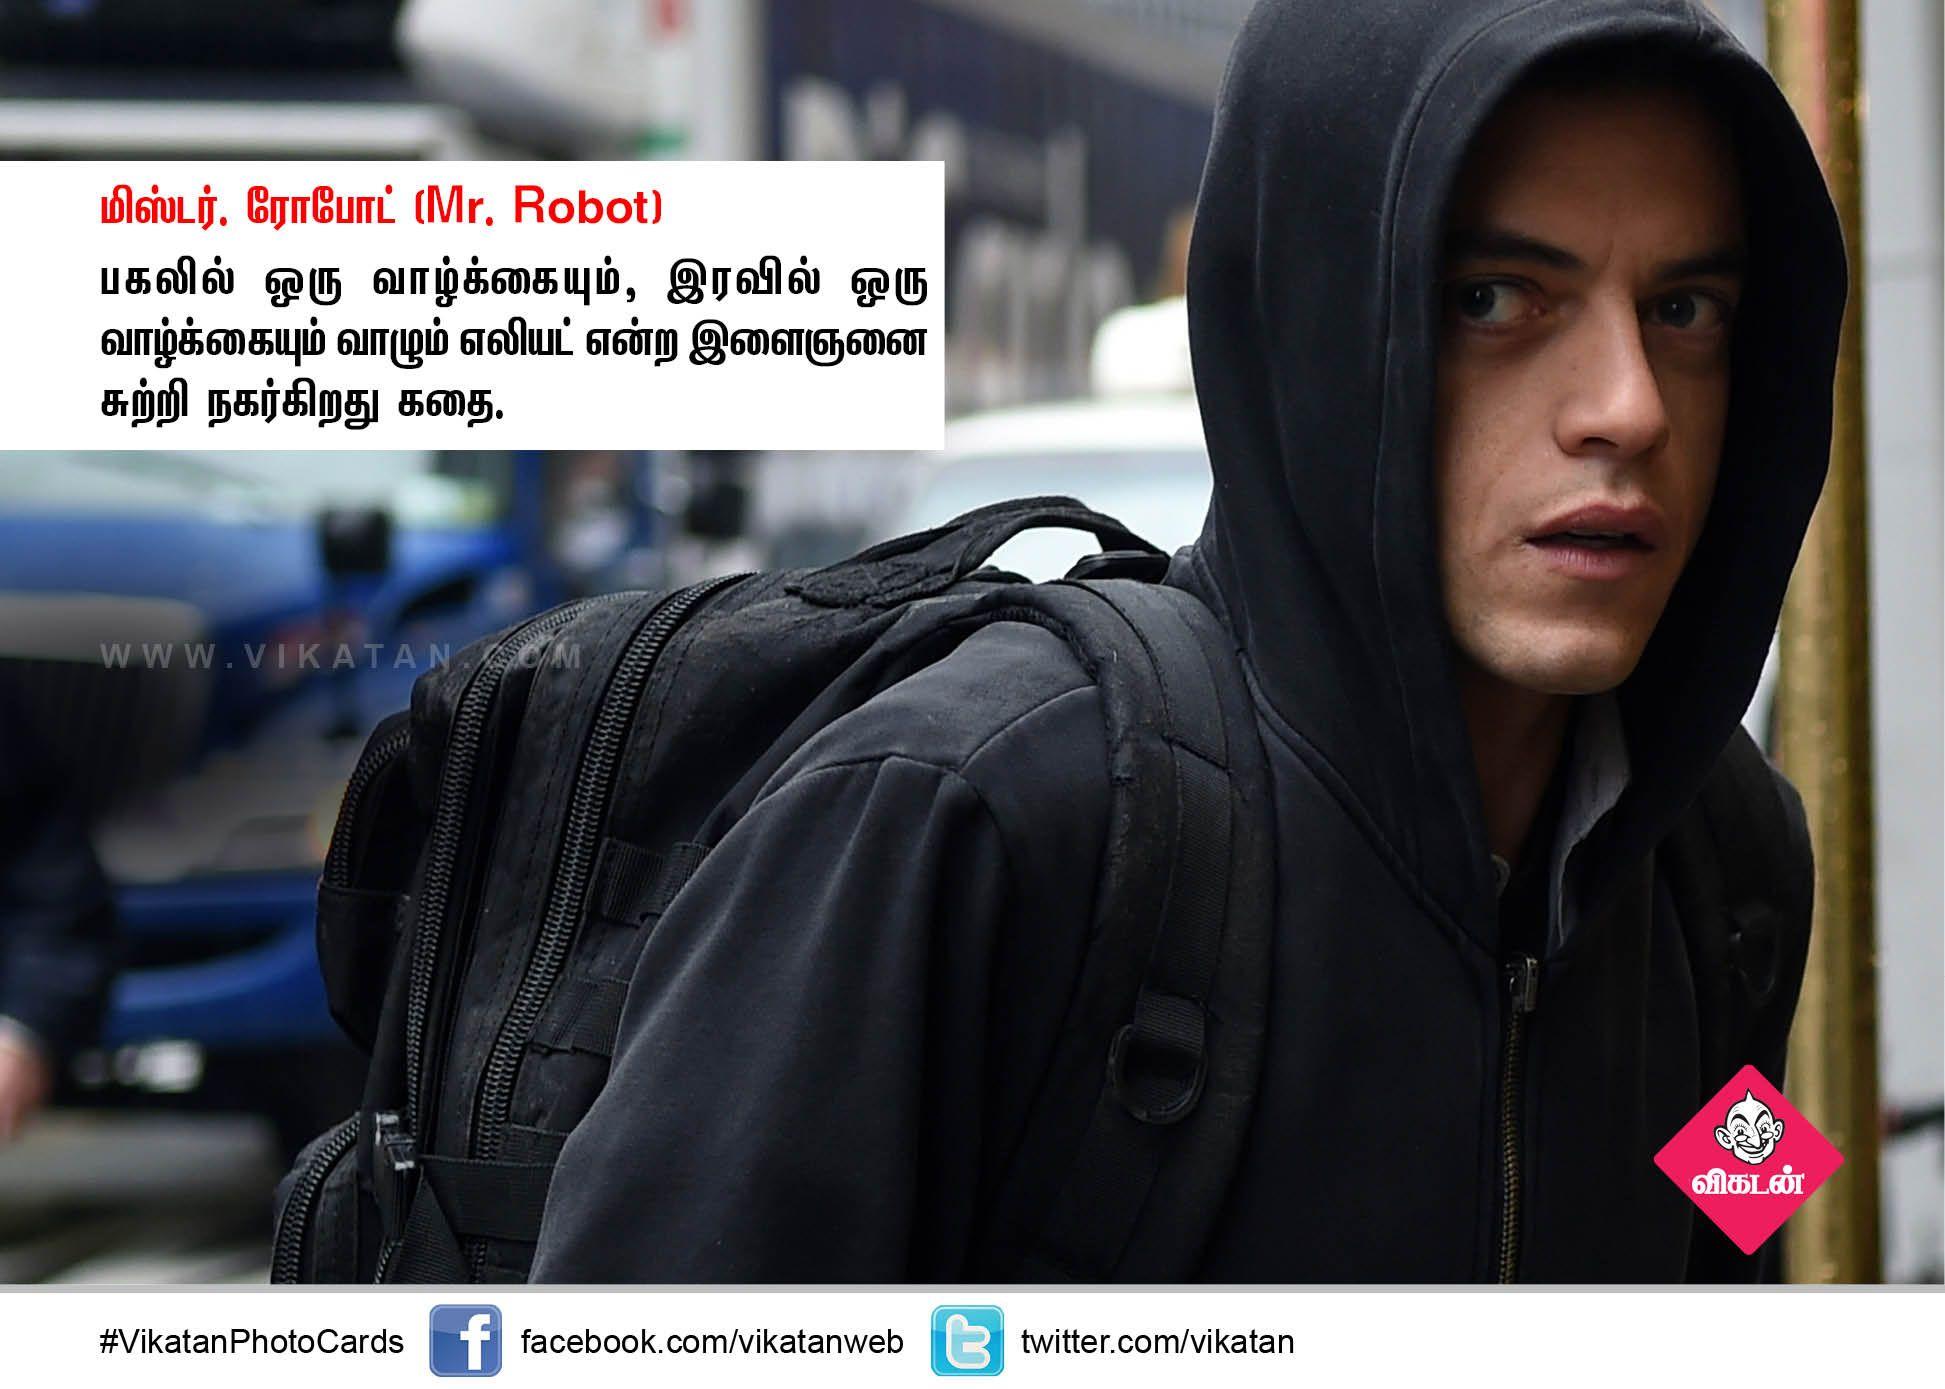 #GOT சரி... இந்த டெக்னாலஜி சீரியல்களை பார்த்திருக்கிறீர்களா? #VikatanPhotoCards